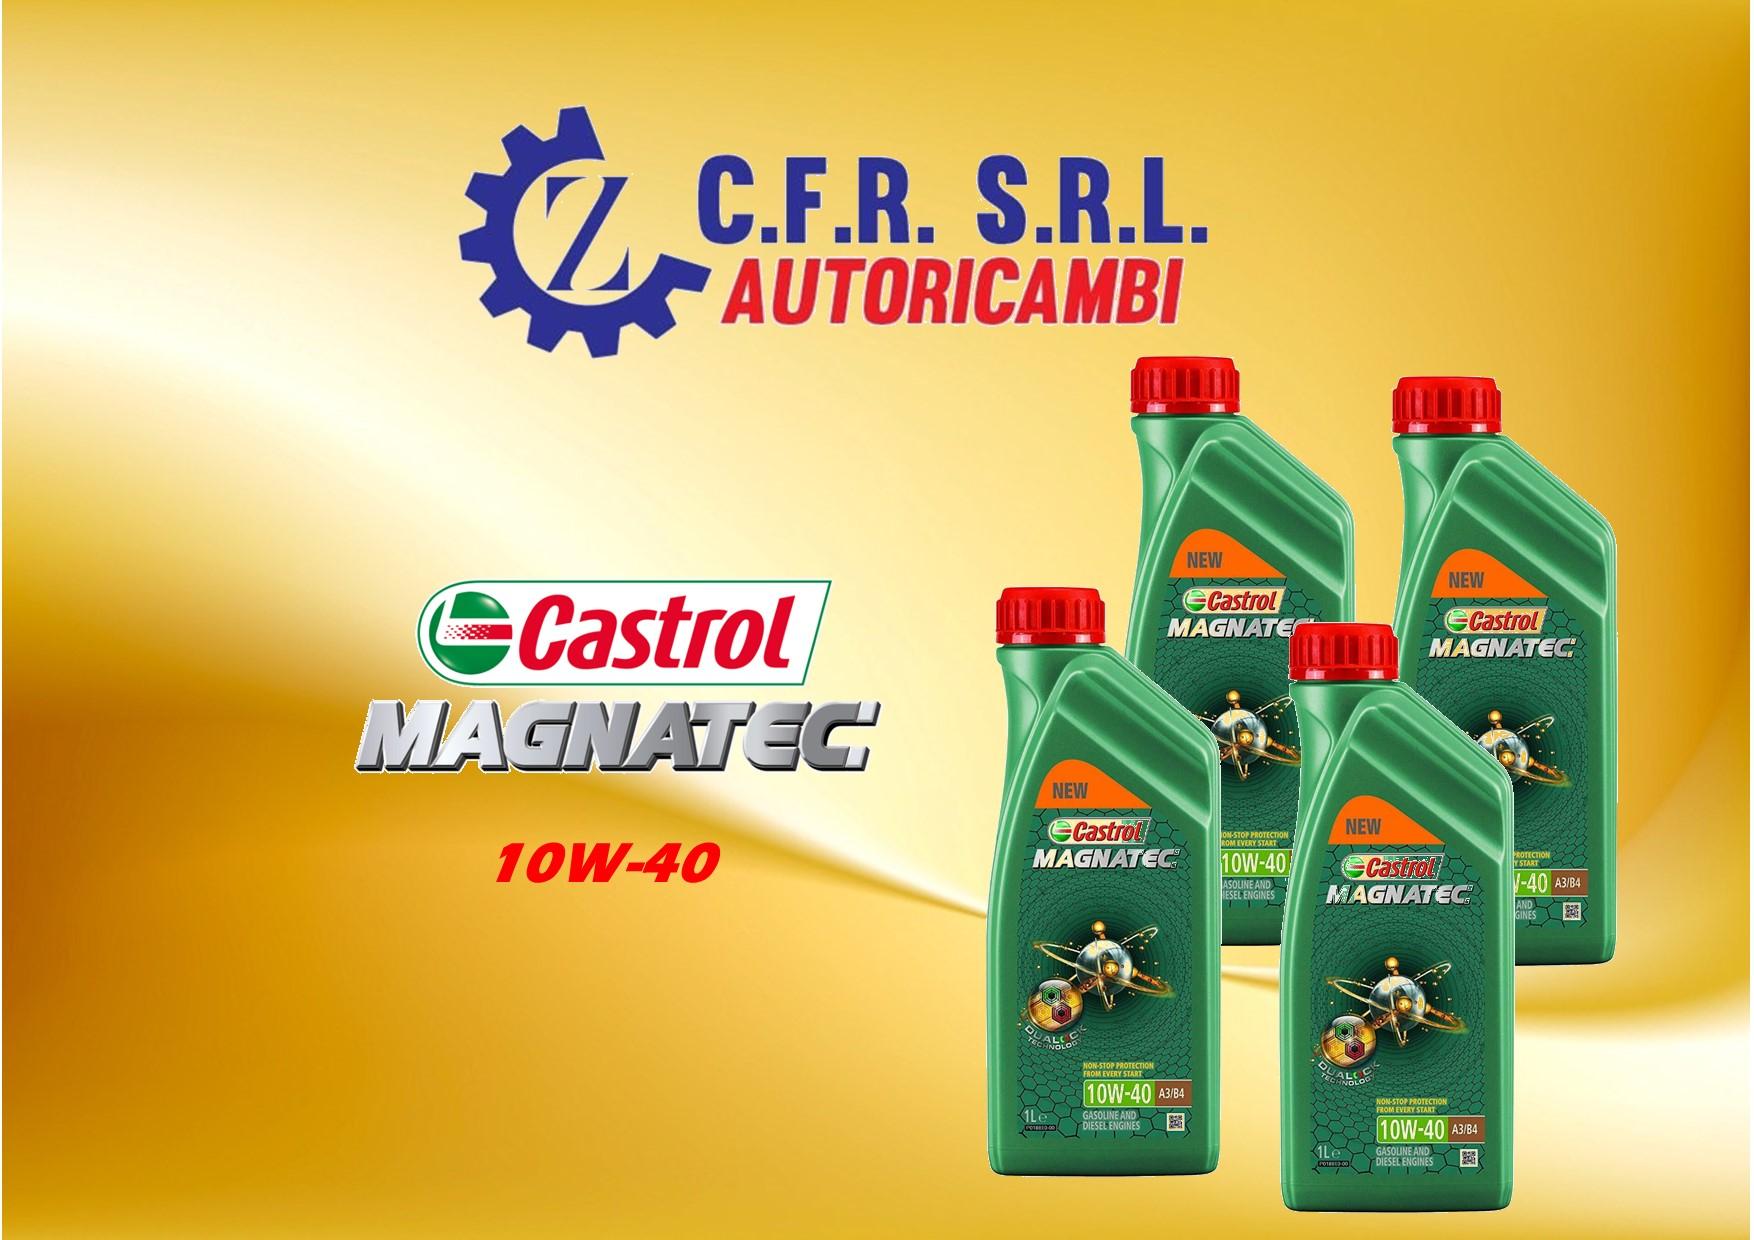 4PZ OLIO LUBRIFICANTE CASTROL MAGNATEC 10W-40